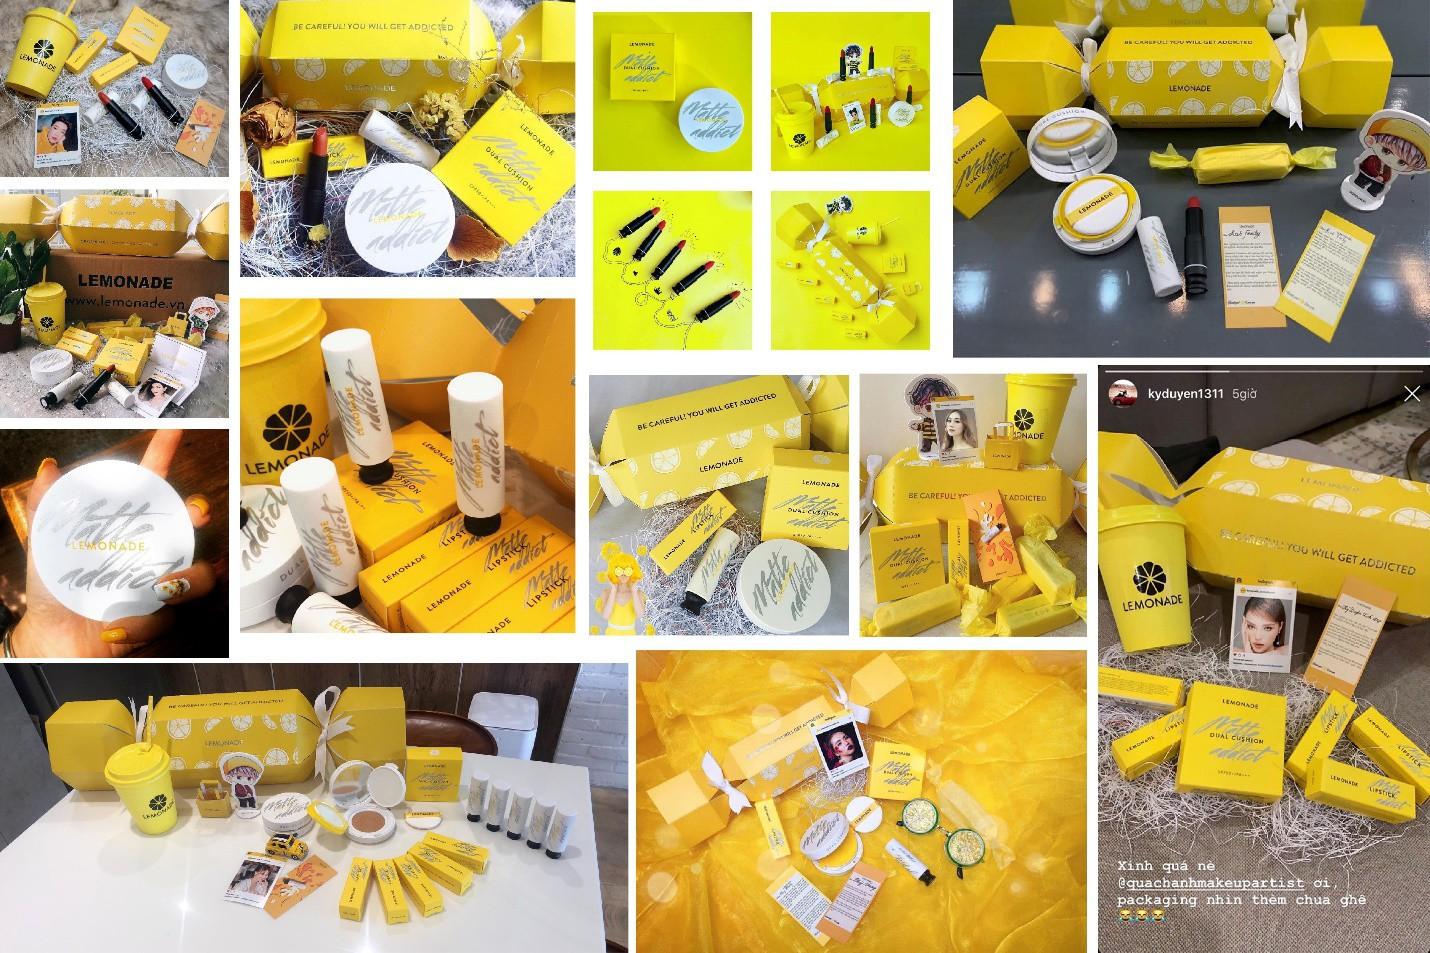 5 điều bạn nên biết về Lemonade - brand mỹ phẩm của người Việt gây sốt mùa hè này - Ảnh 8.